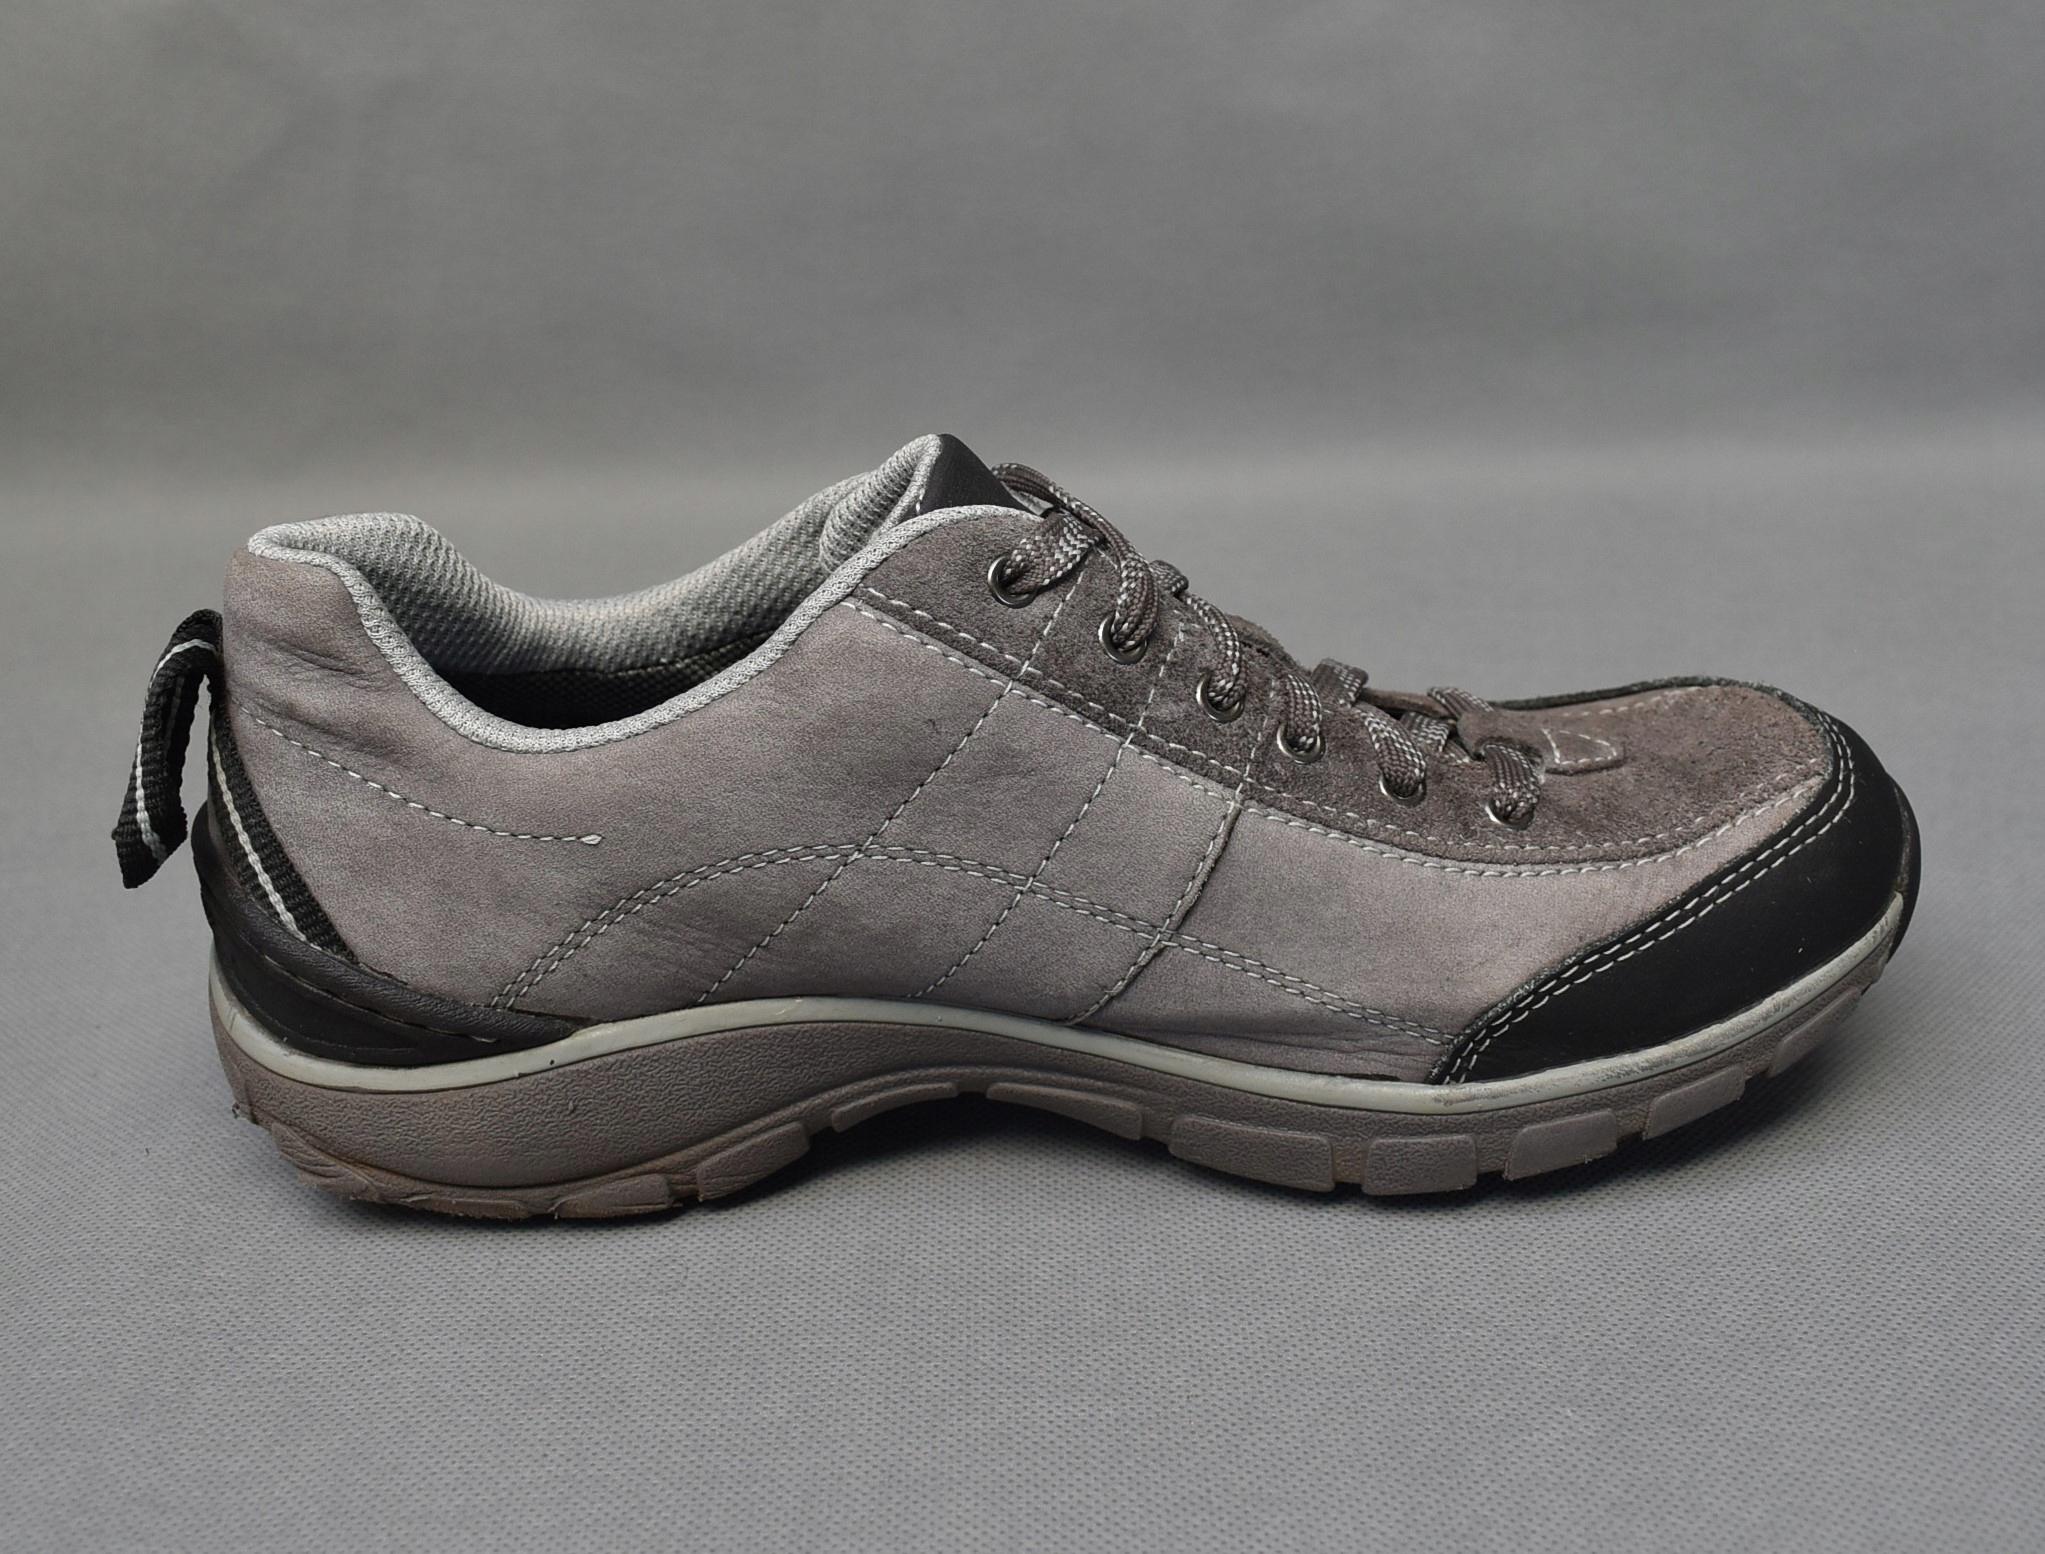 CLARKS GORE-TEX buty trekkingowe outdoor roz 39 5